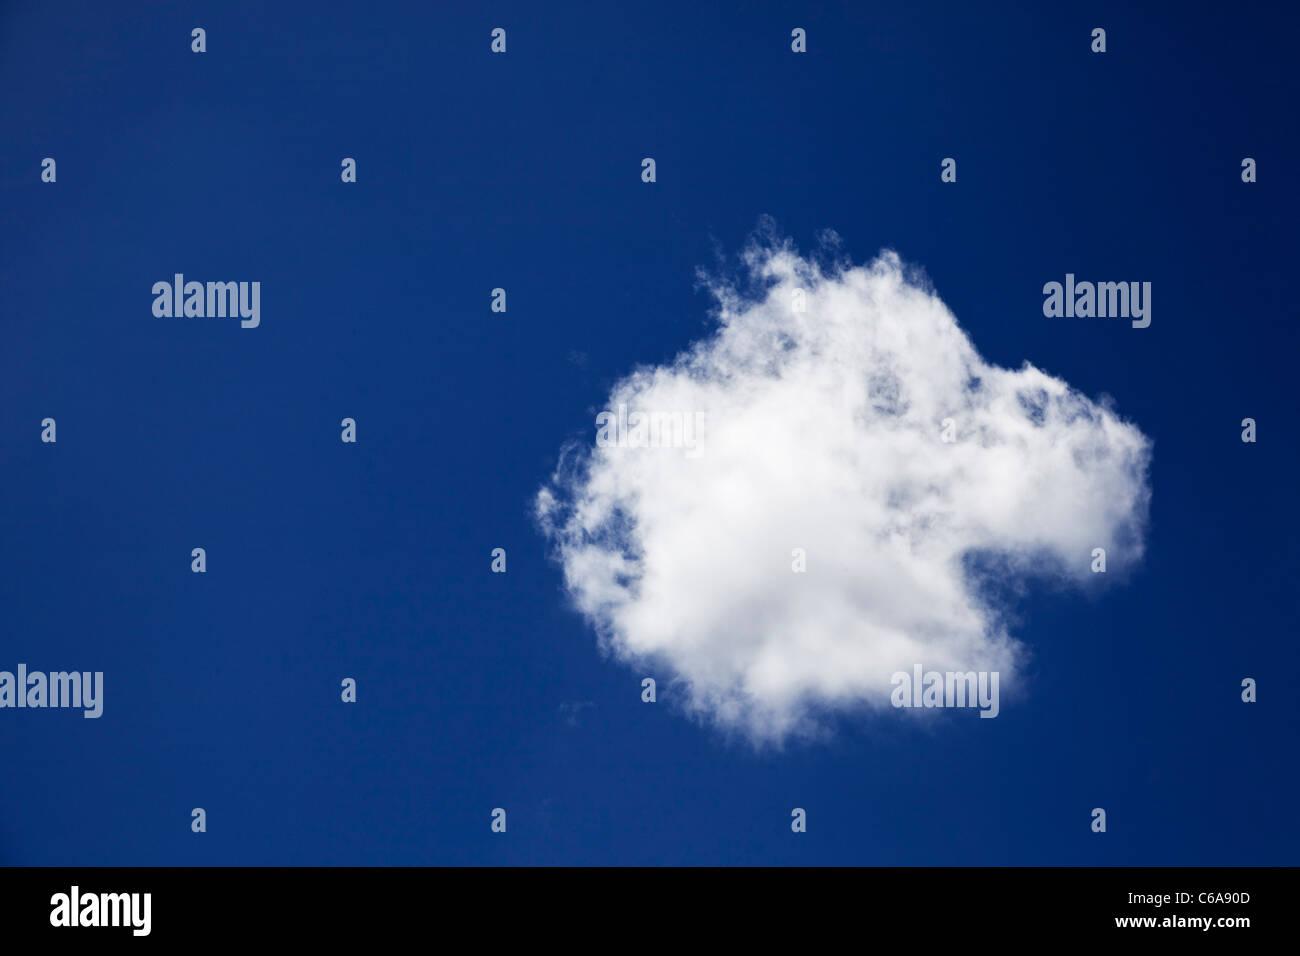 Ciel bleu et nuage solitaire unique Photo Stock